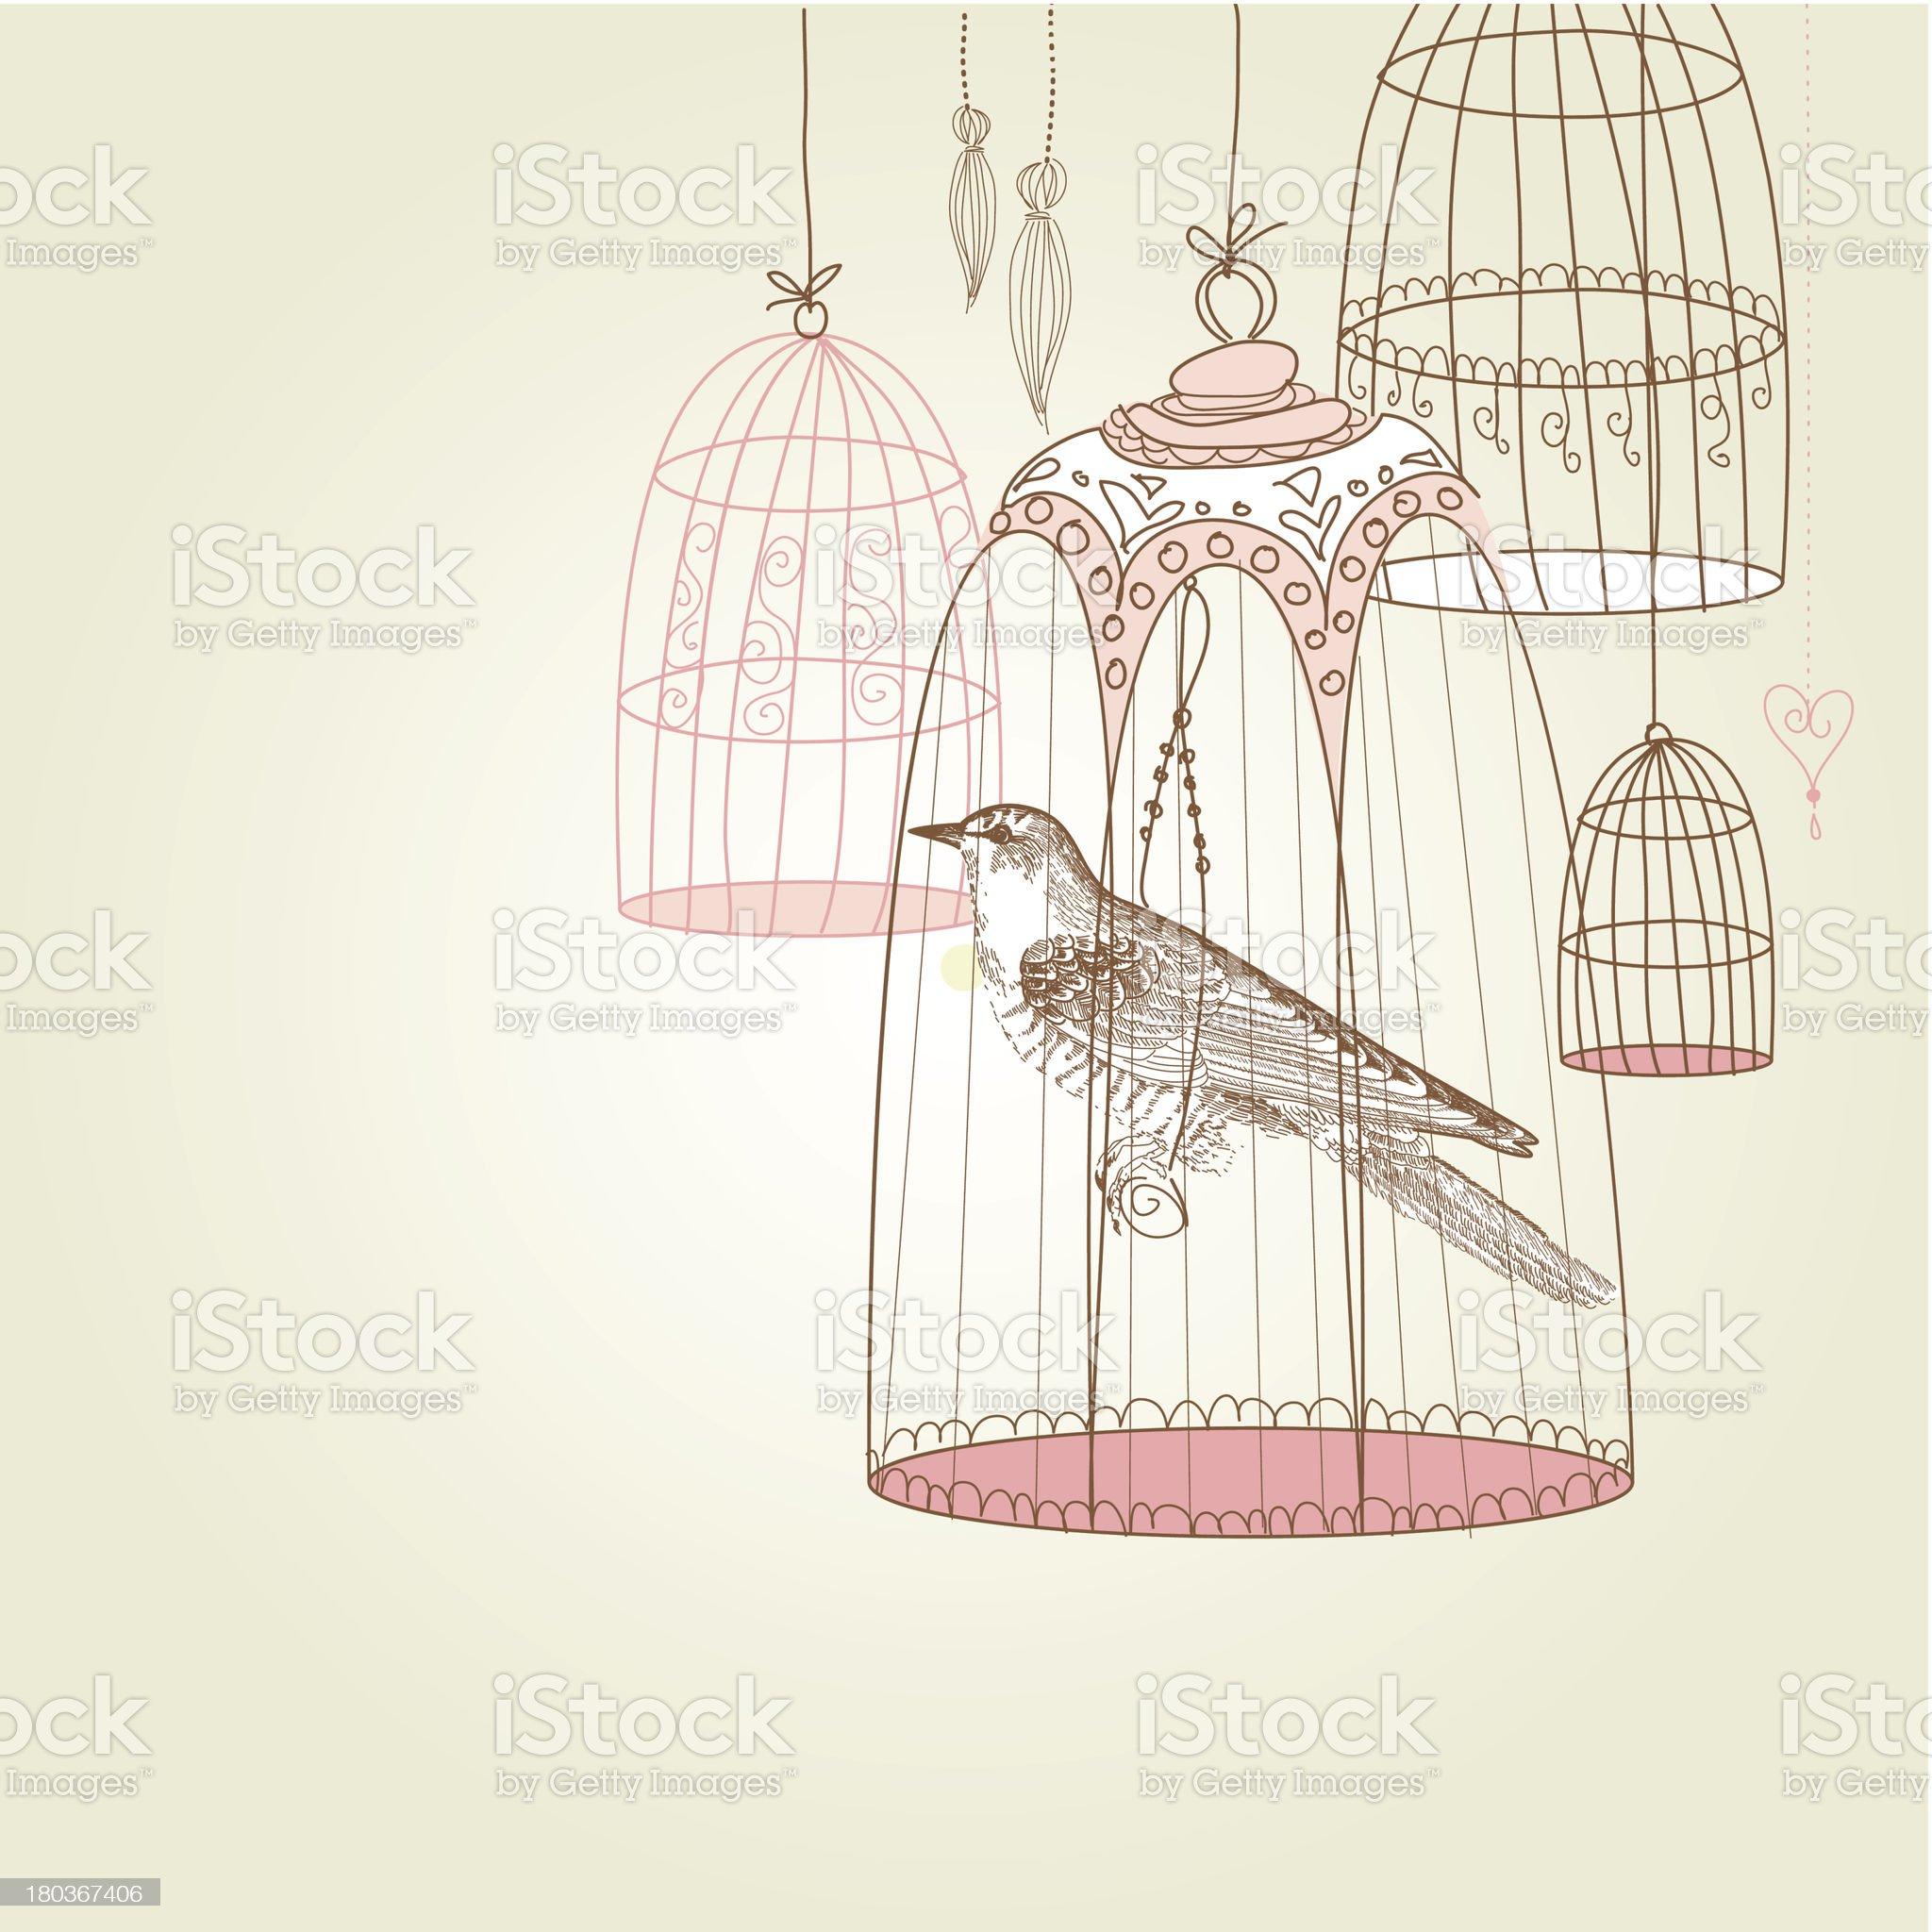 Retro Bird and Birdcage royalty-free stock vector art